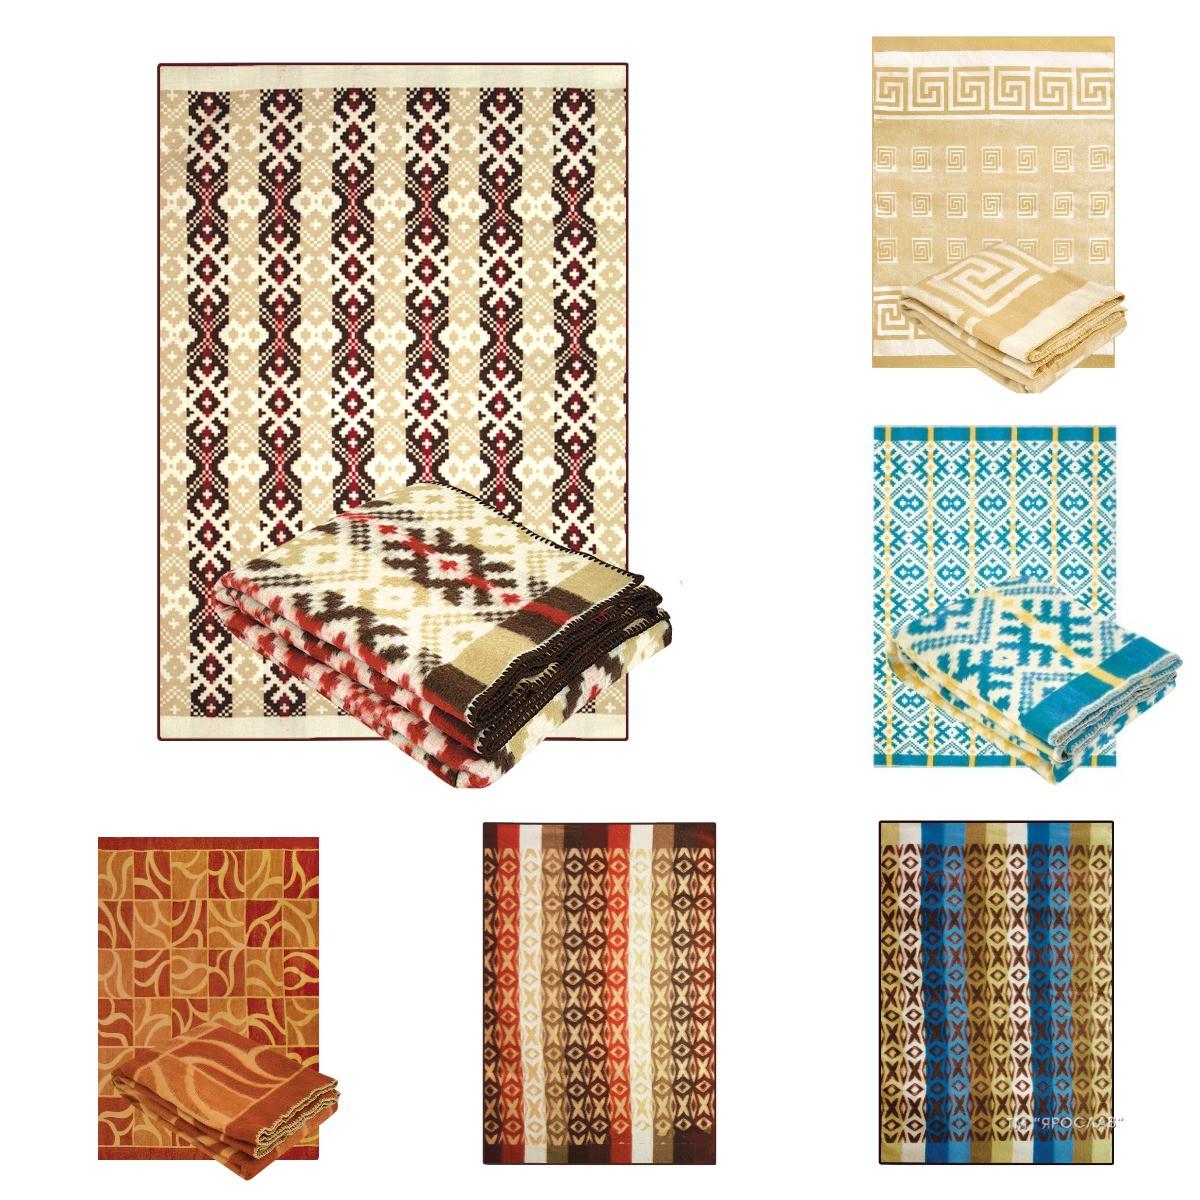 Демисезонное одеяло полушерсть полуторное 140х205 ТМ Ярослав дизайны в ассортименте